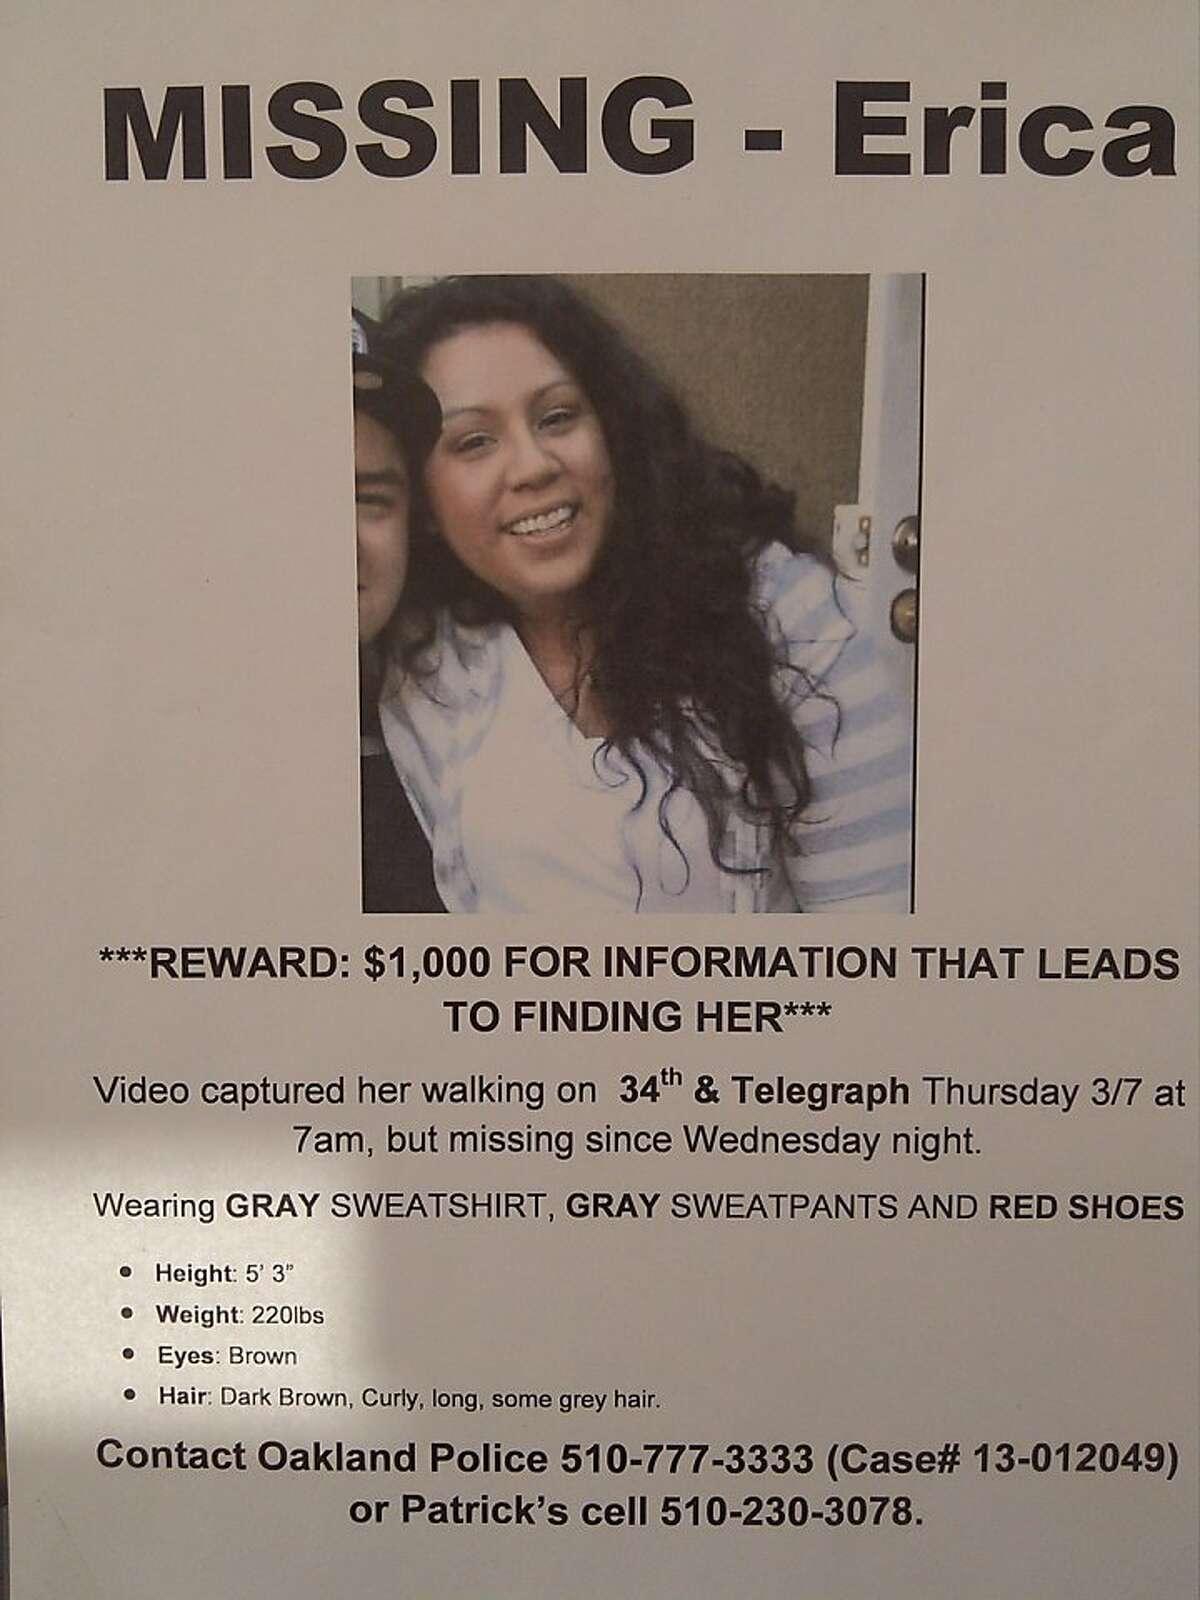 Flier regarding a missing Oakland woman, Erica Maskaleris, who has not been seen since March 7, 2013.